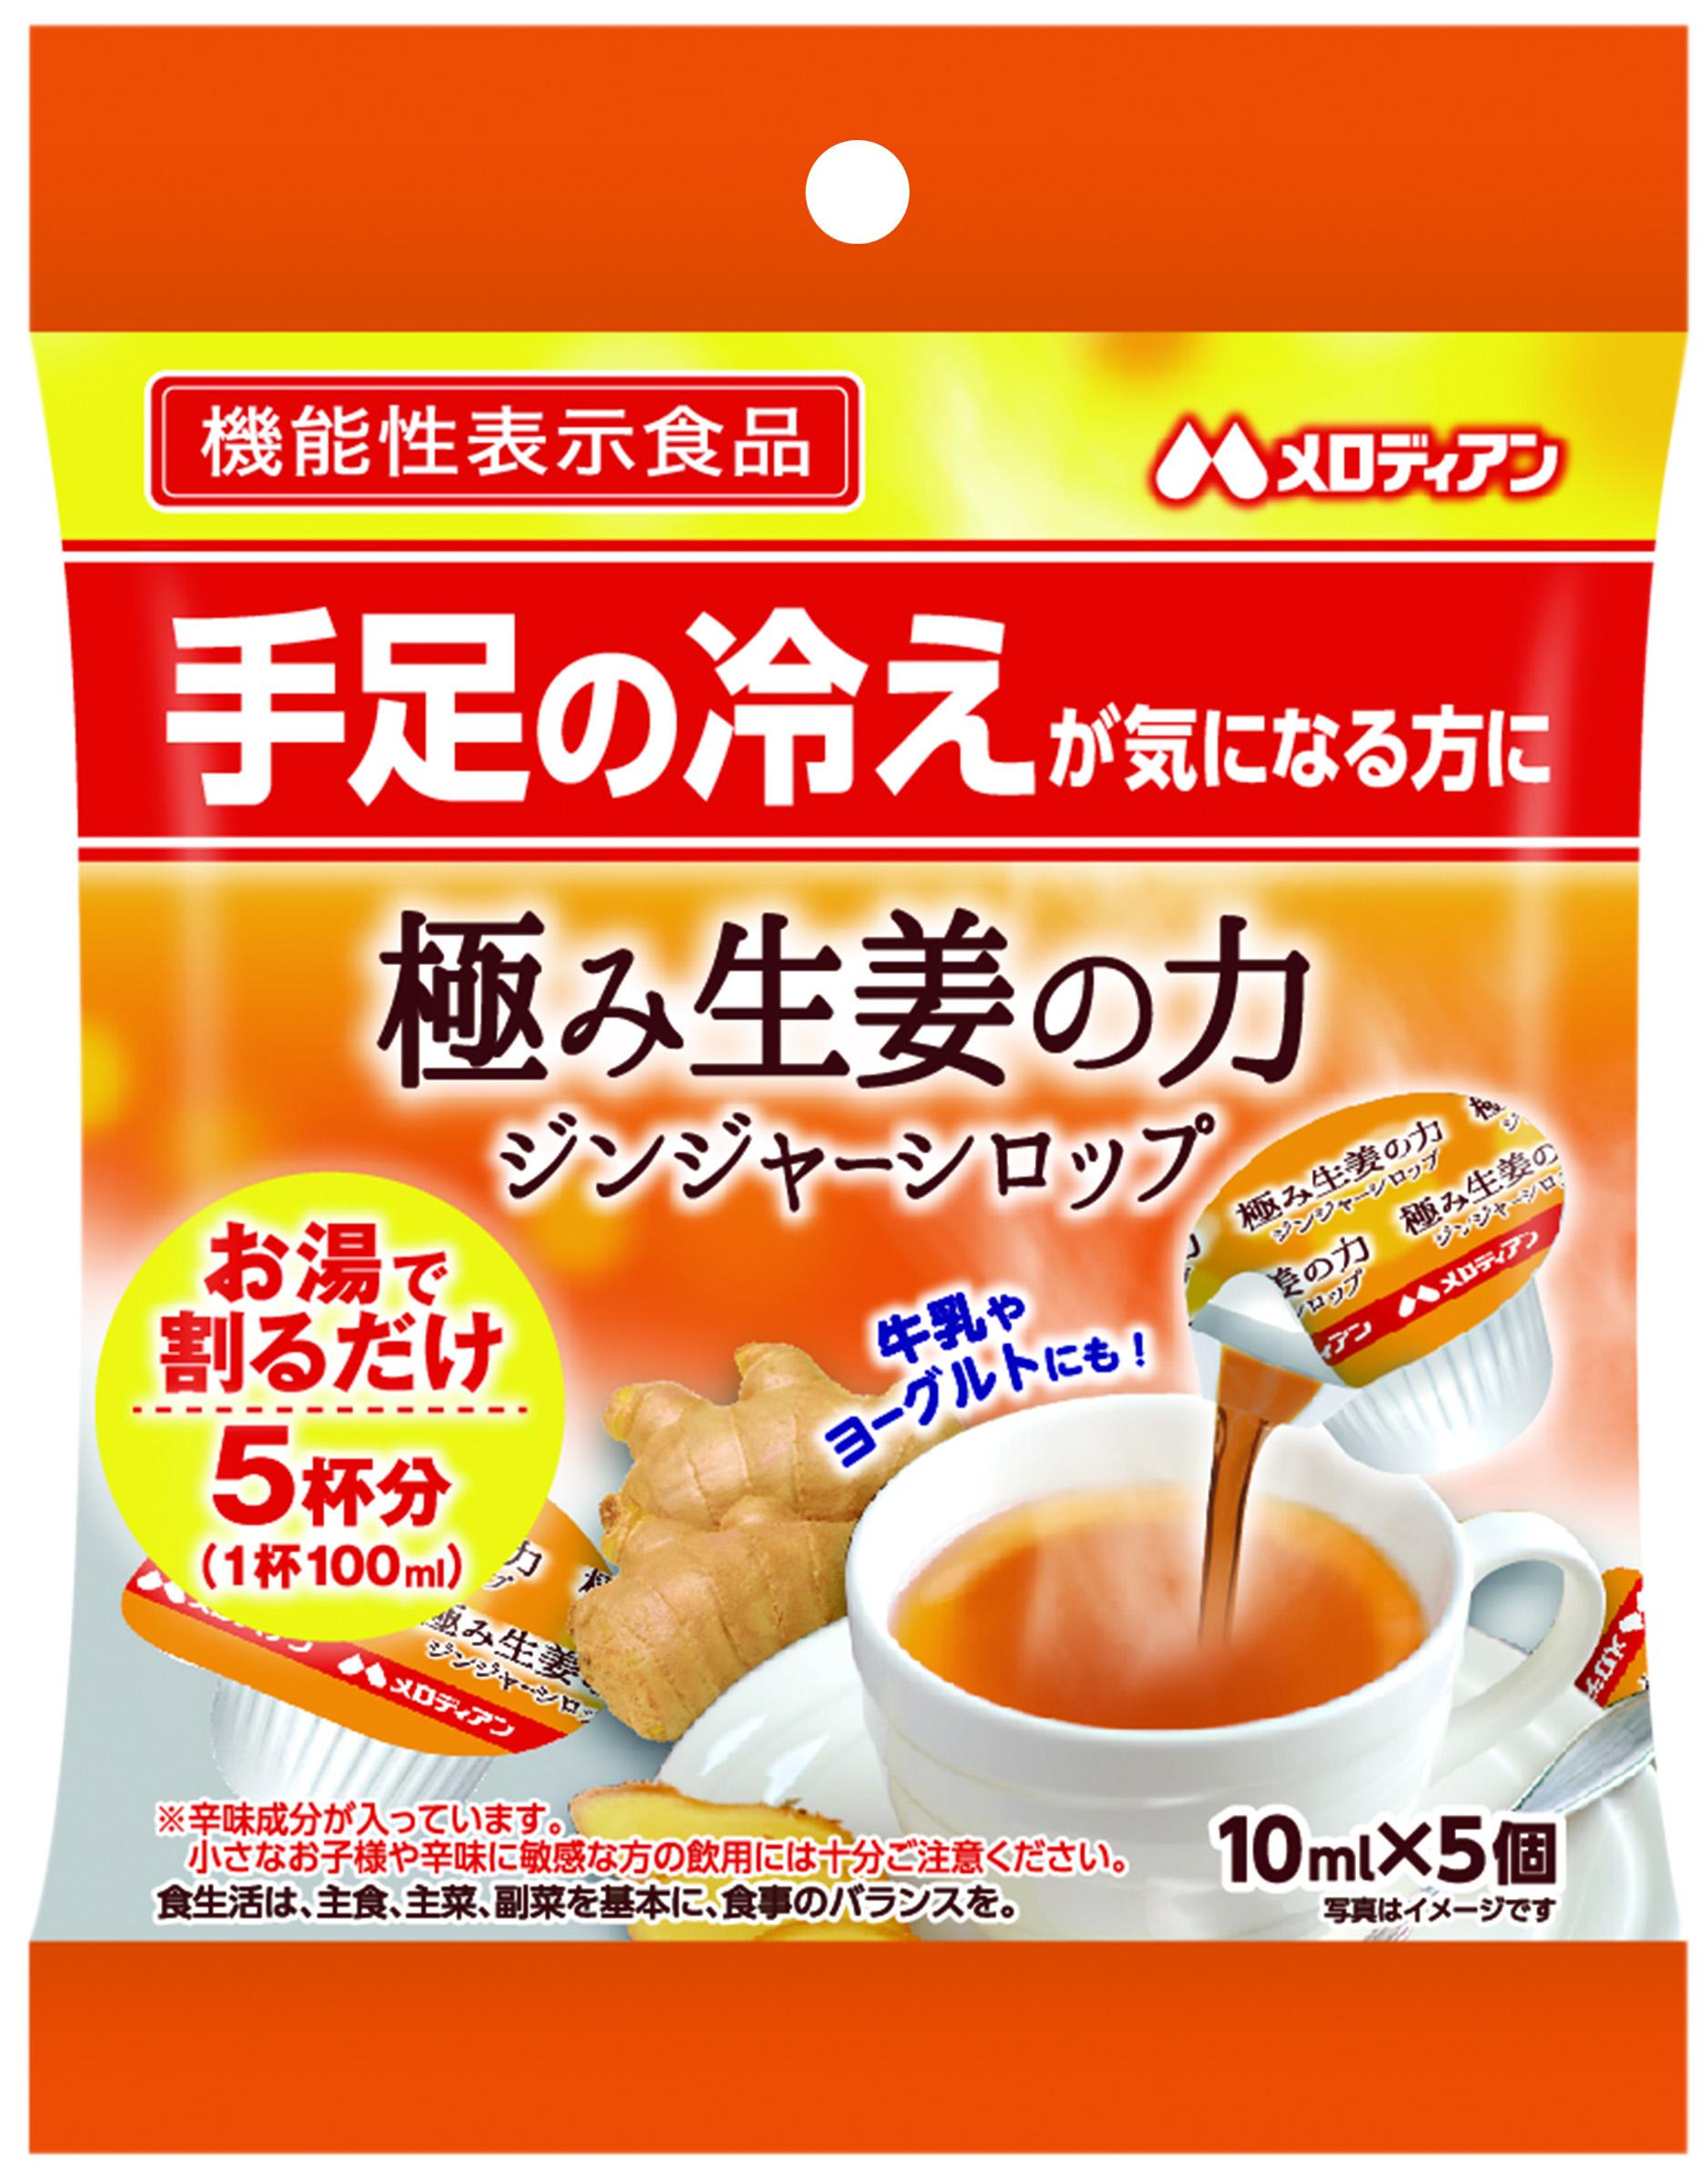 機能性表示食品極み生姜の力 ~ジンジャーシロップ~10ml×5個